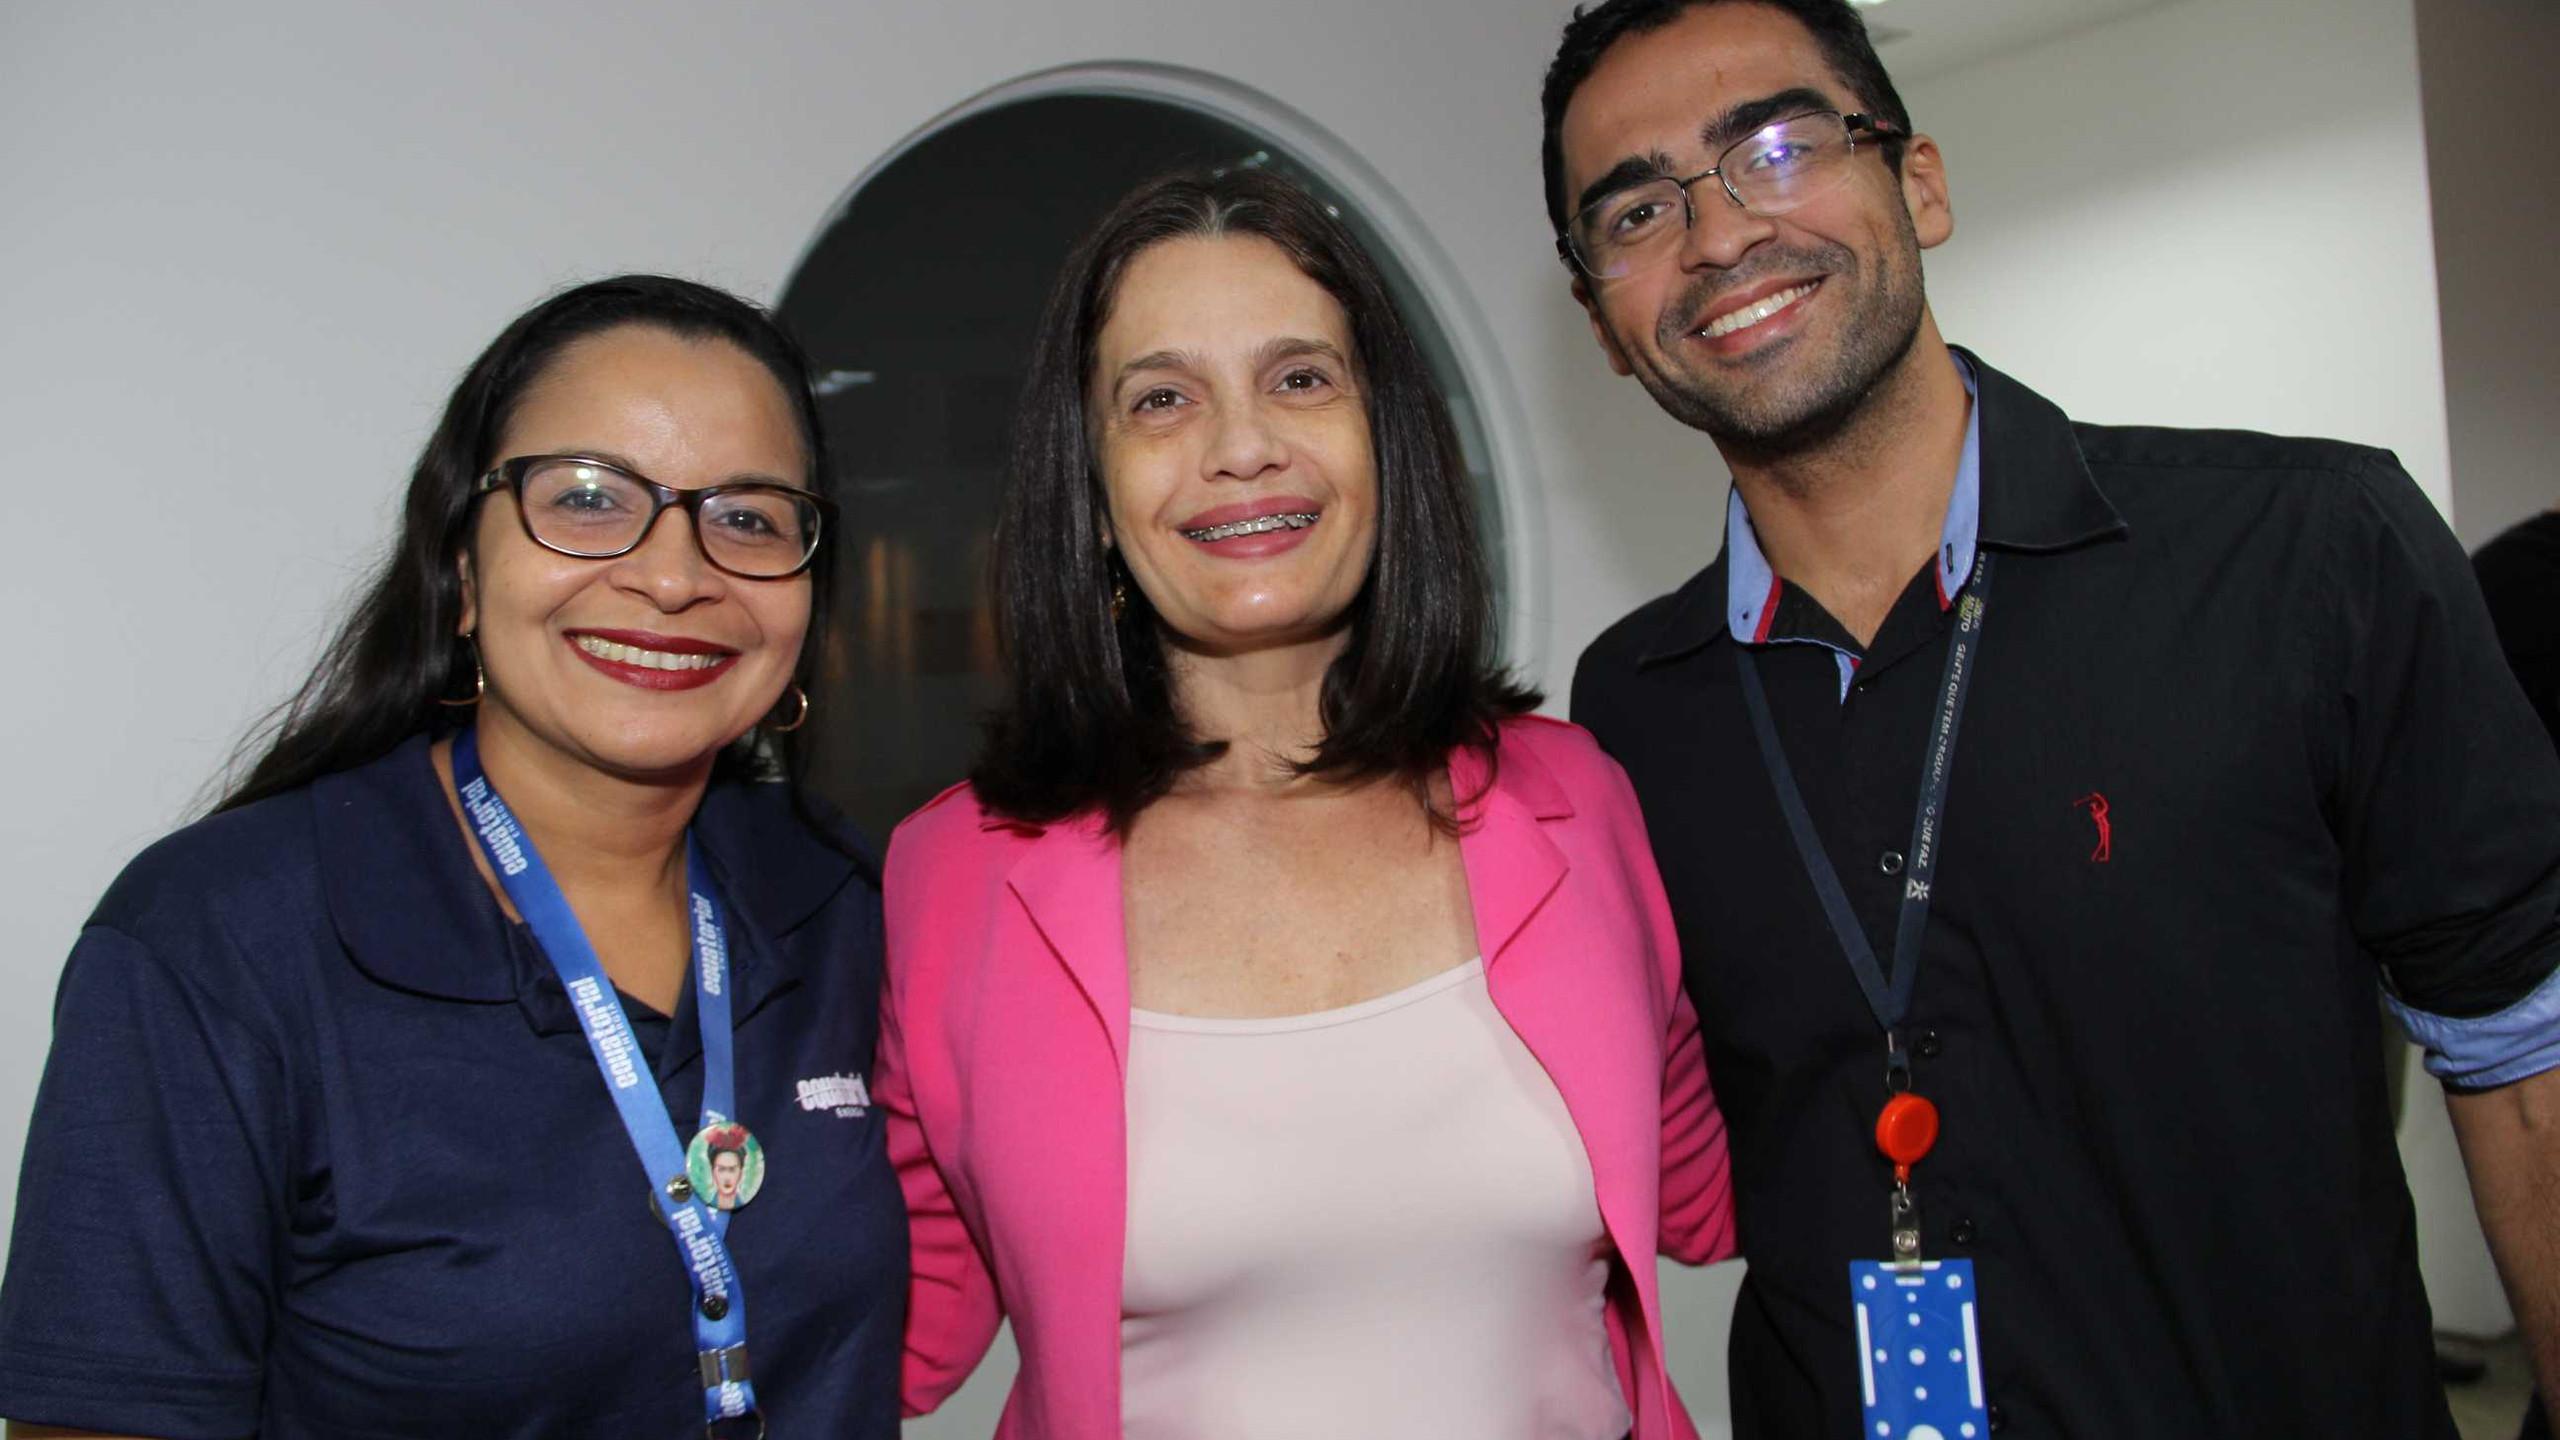 Jeane Pires, Ana Cristina lago (Comunique) e Danilo Fernandes.